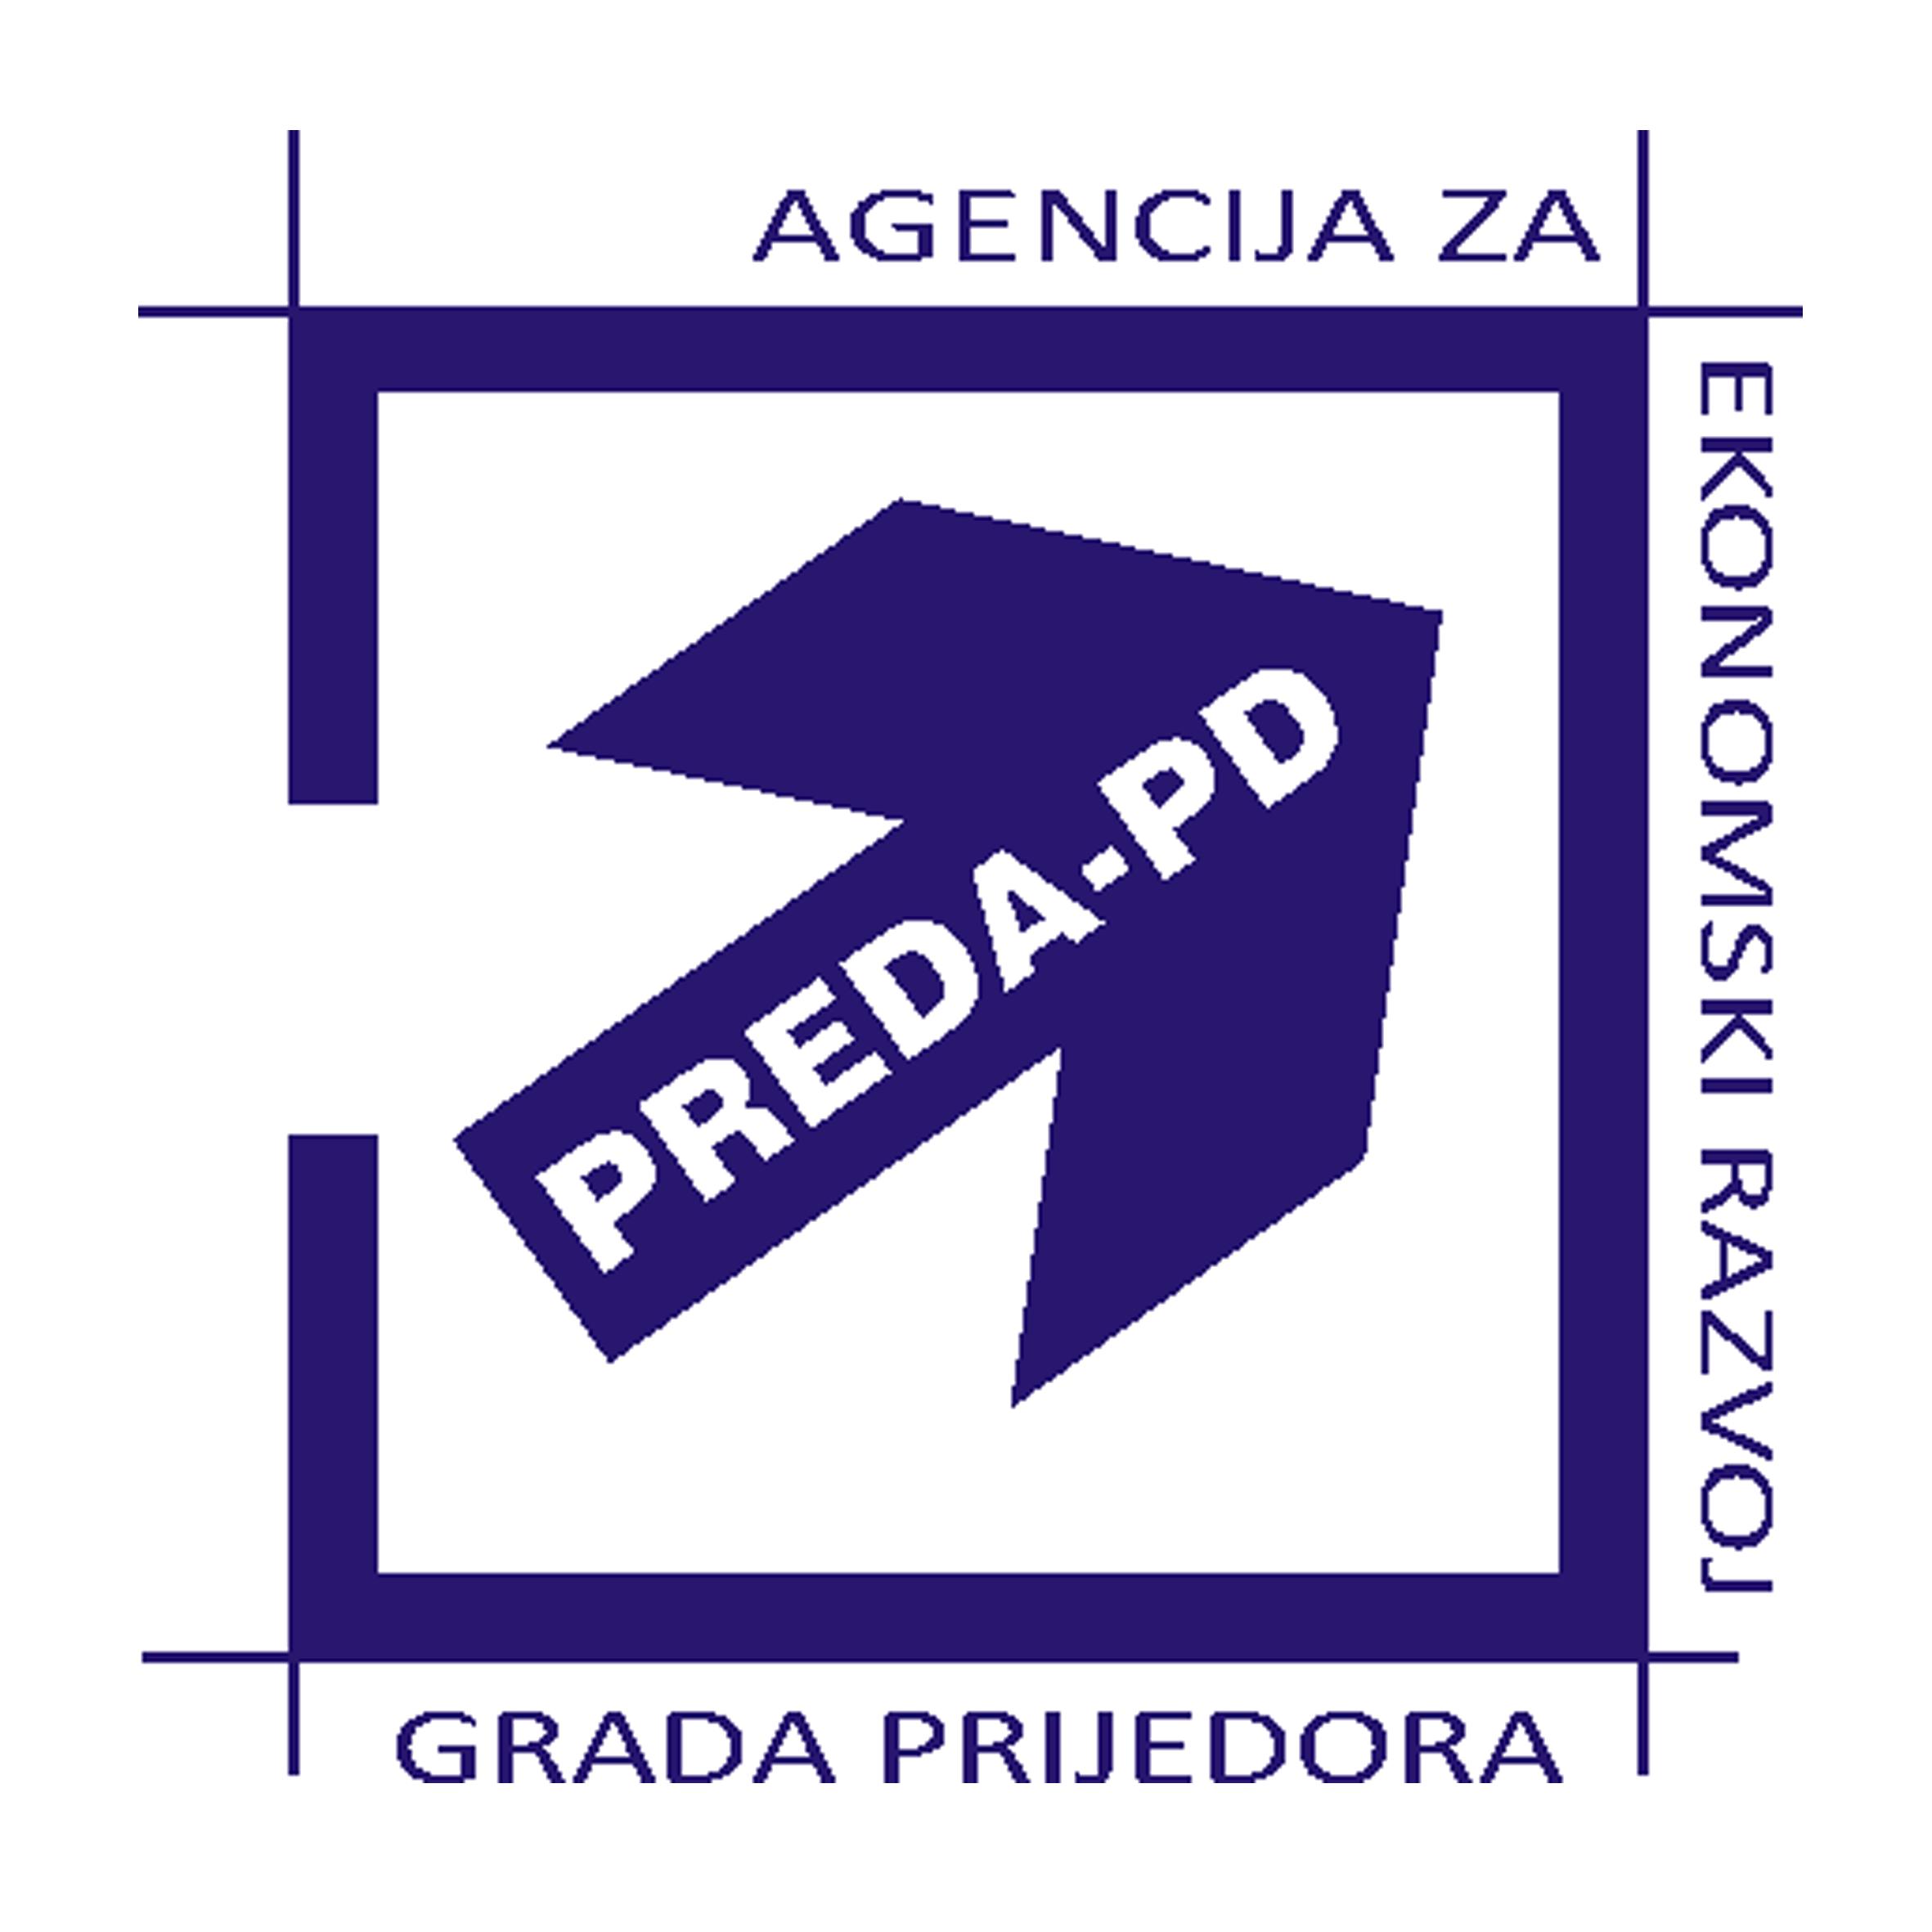 Agenzia per lo Sviluppo Economico della città di Prijedor (Bosnia e Herzegovina)